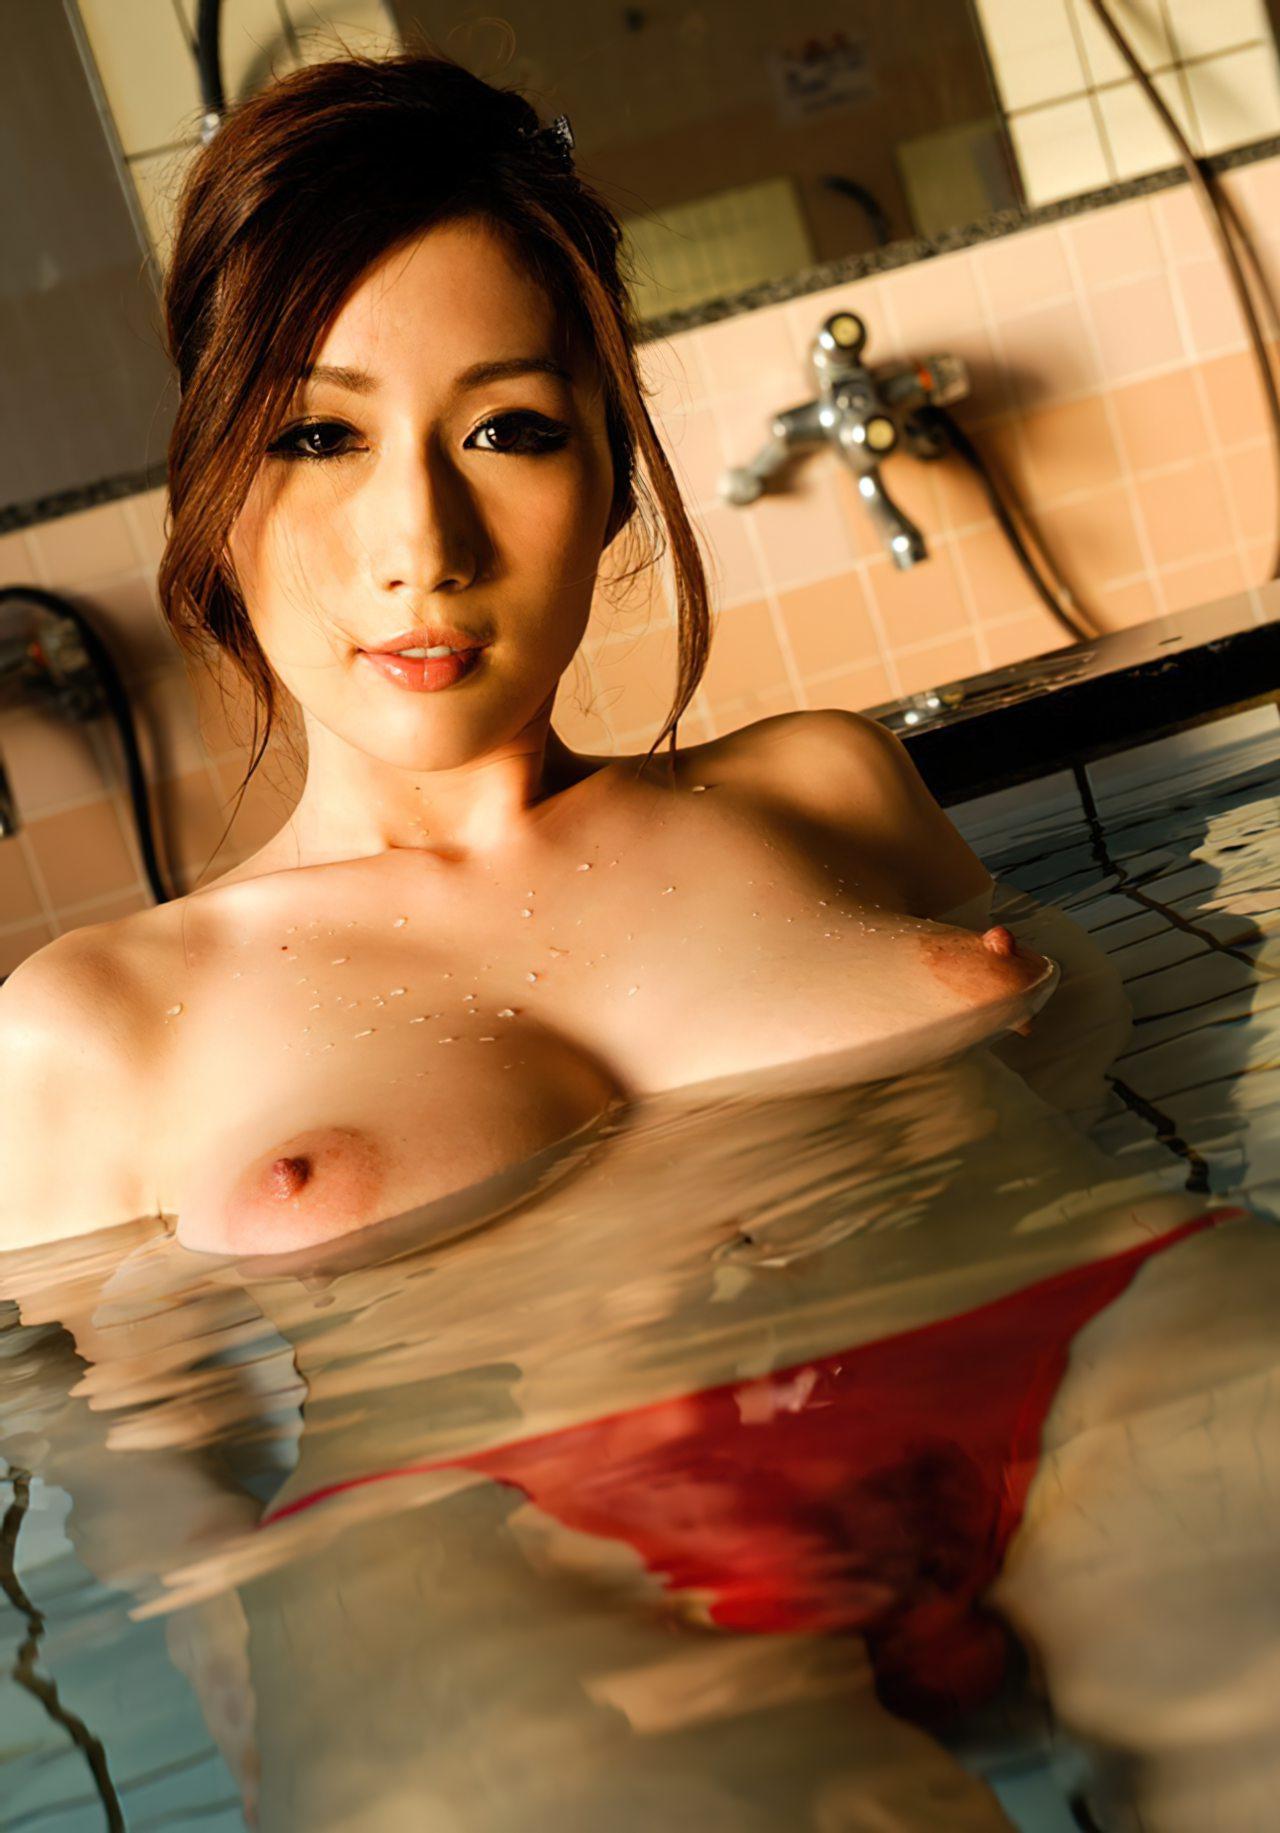 Japonesa Bonita e Gostosa (12)